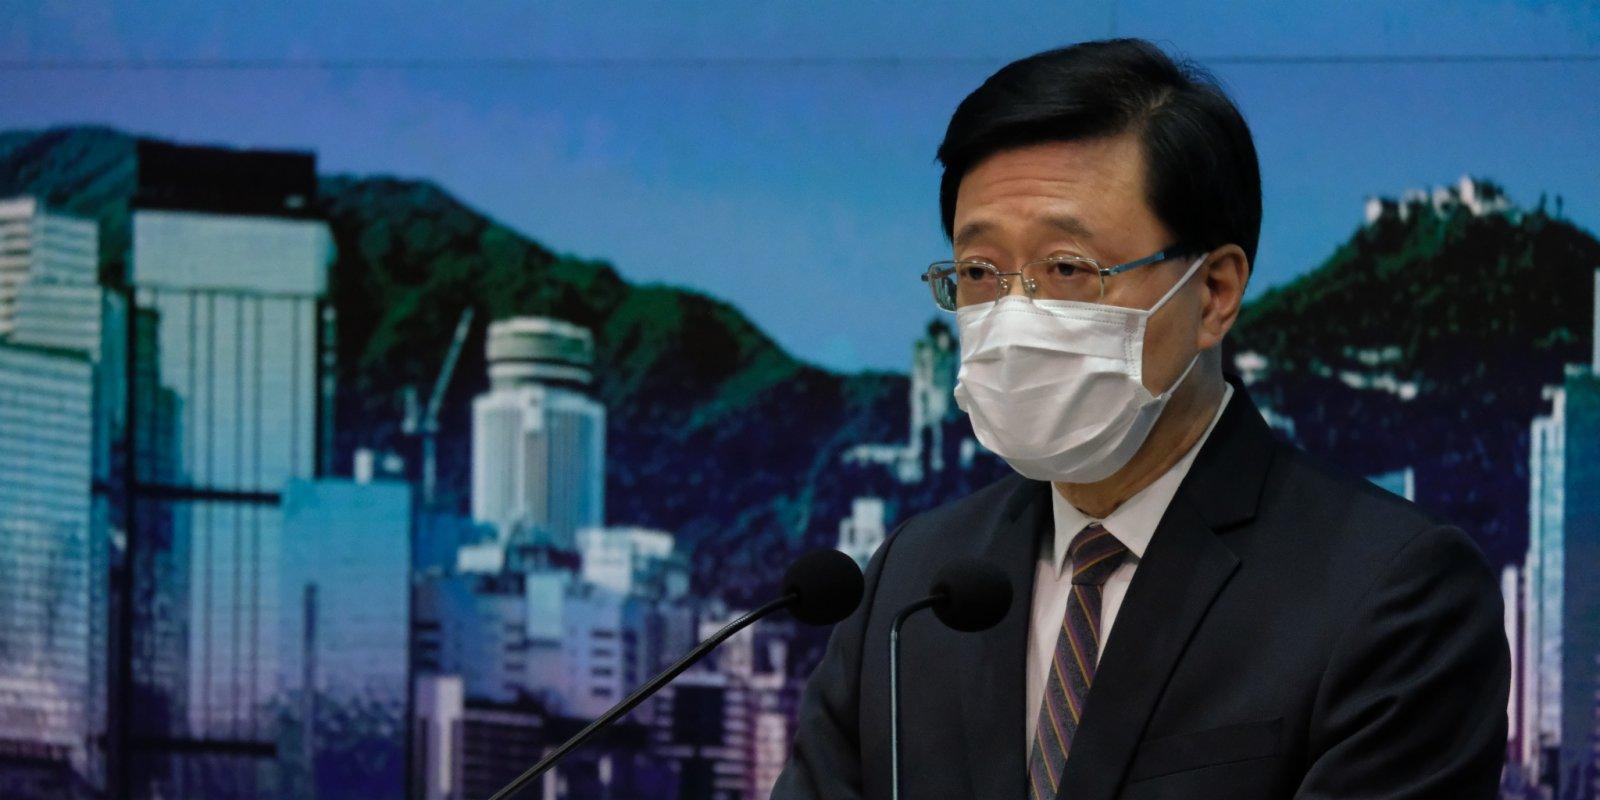 李家超:可批評政府   但不得危害國家安全